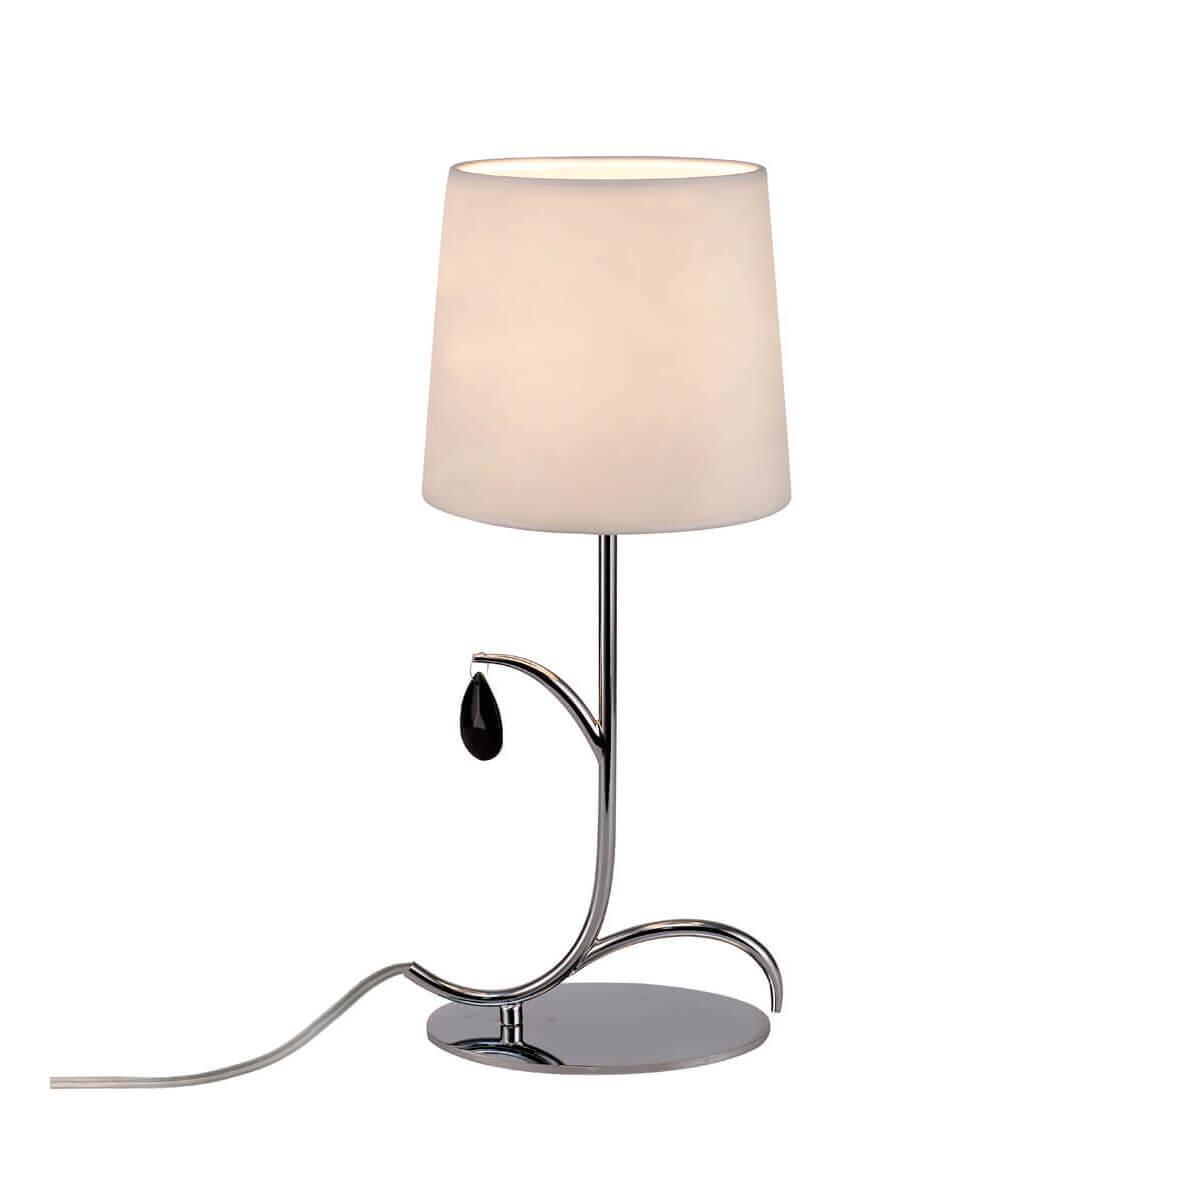 Фото Настольная лампа декоративная Mantra Andrea Cromo 6319